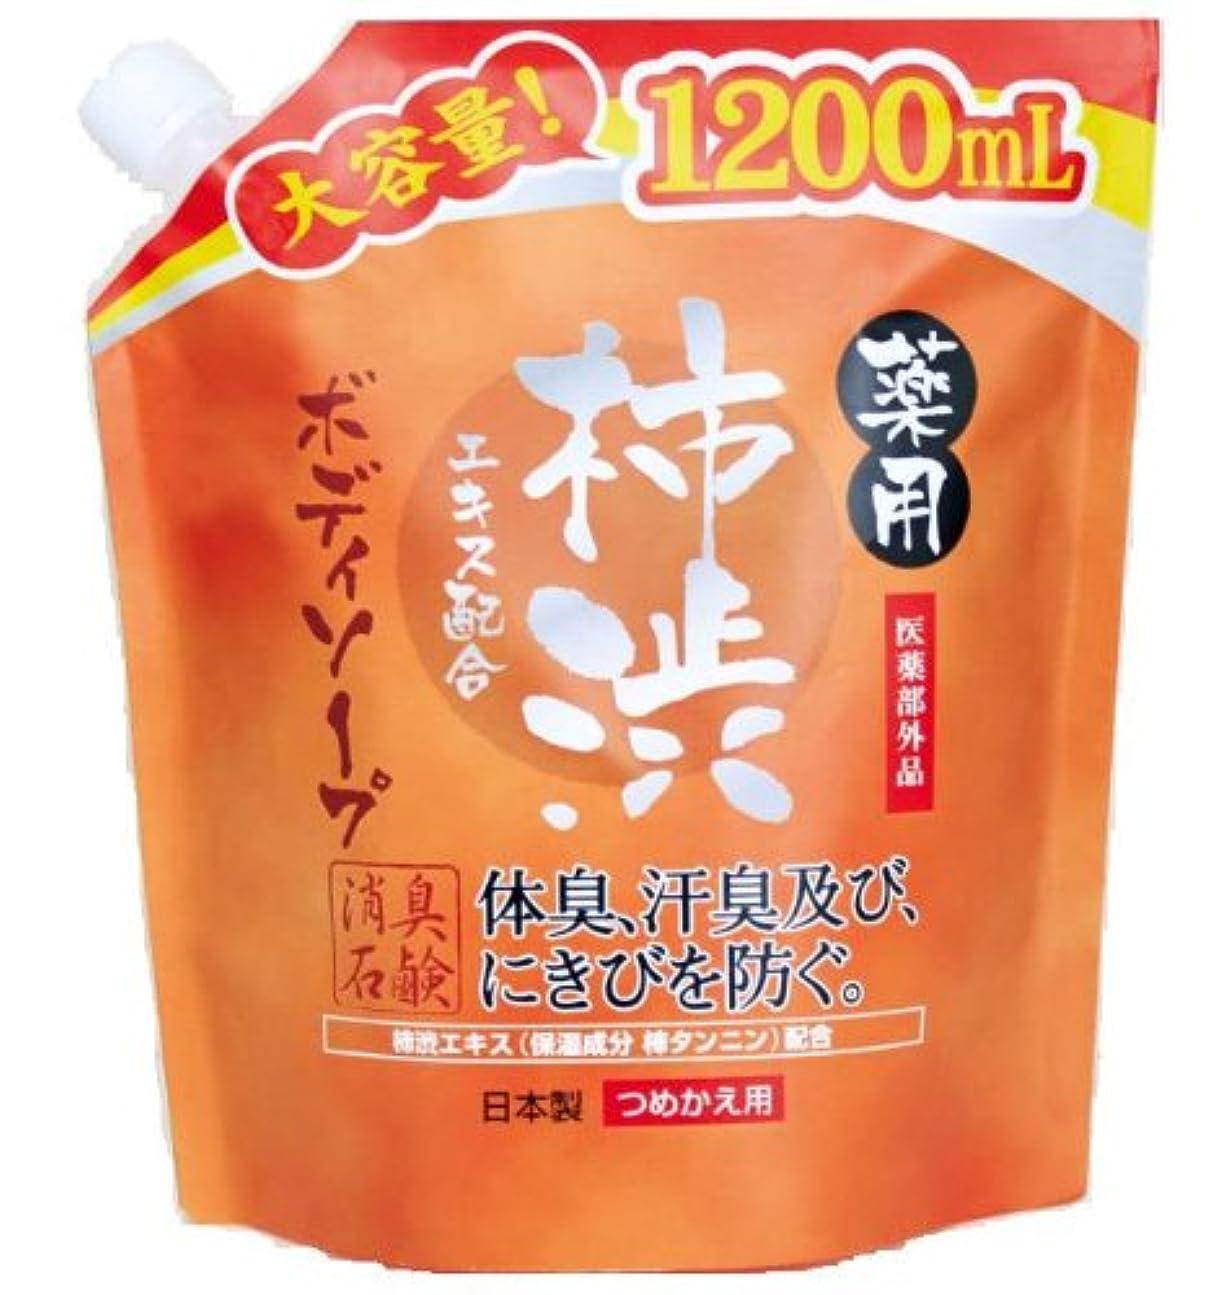 モネ楽しい思いつく薬用柿渋 ボディソープ 大容量 (つめかえ用) 1200mL 【医薬部外品】